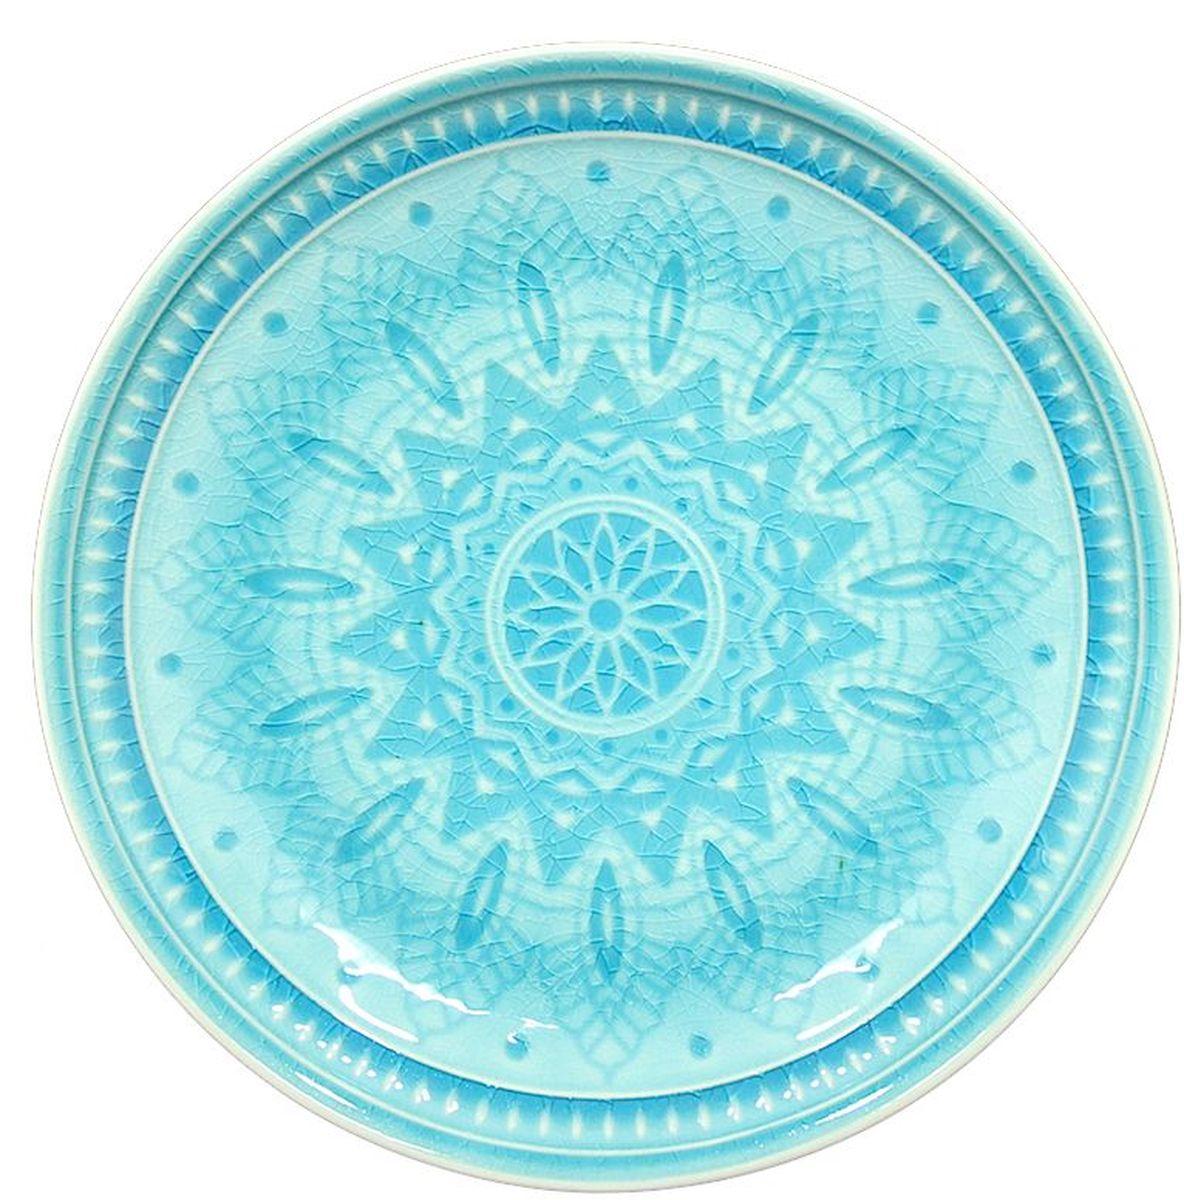 Набор десертных тарелок Tongo, цвет: голубая бирюза, диаметр 20,5 см, 6 шт1063080Традиционная этническая посуда Индонезии. Декоративная техника придает посуде этнический шарм, с элементами старения, в виде паутинки мелких трещинок на поверхности эмали, что повышает ее привлекательность и ценность среди посудных аналогов.В процессе эксплуатации мелкие трещины также могут проявляться на внутренних поверхностях кружек и салатников, - что также является задумкой дизайнеров, заложенной в производственной технологии.